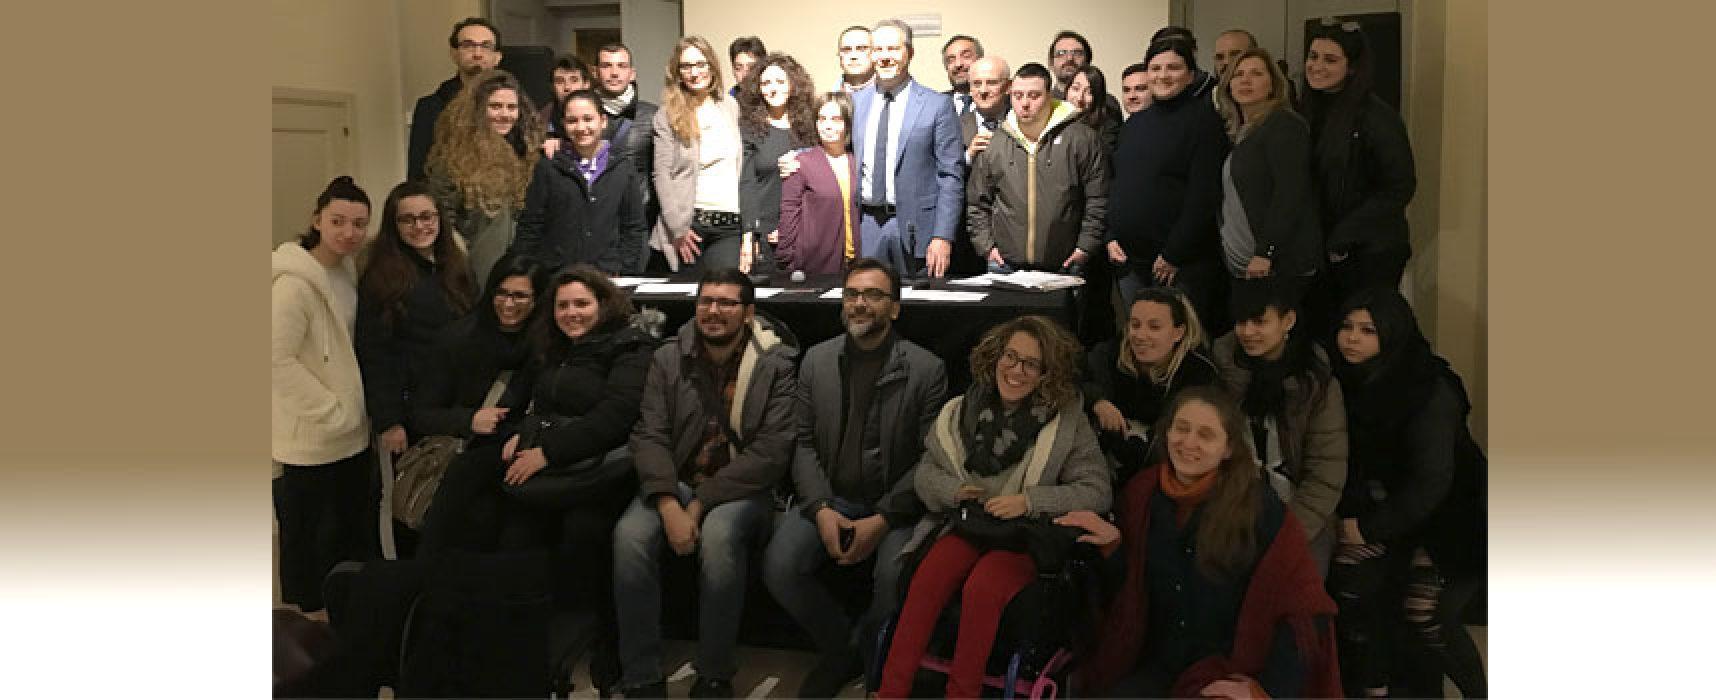 Inclusione, partono i cantieri sociali con 45 giovani biscegliesi